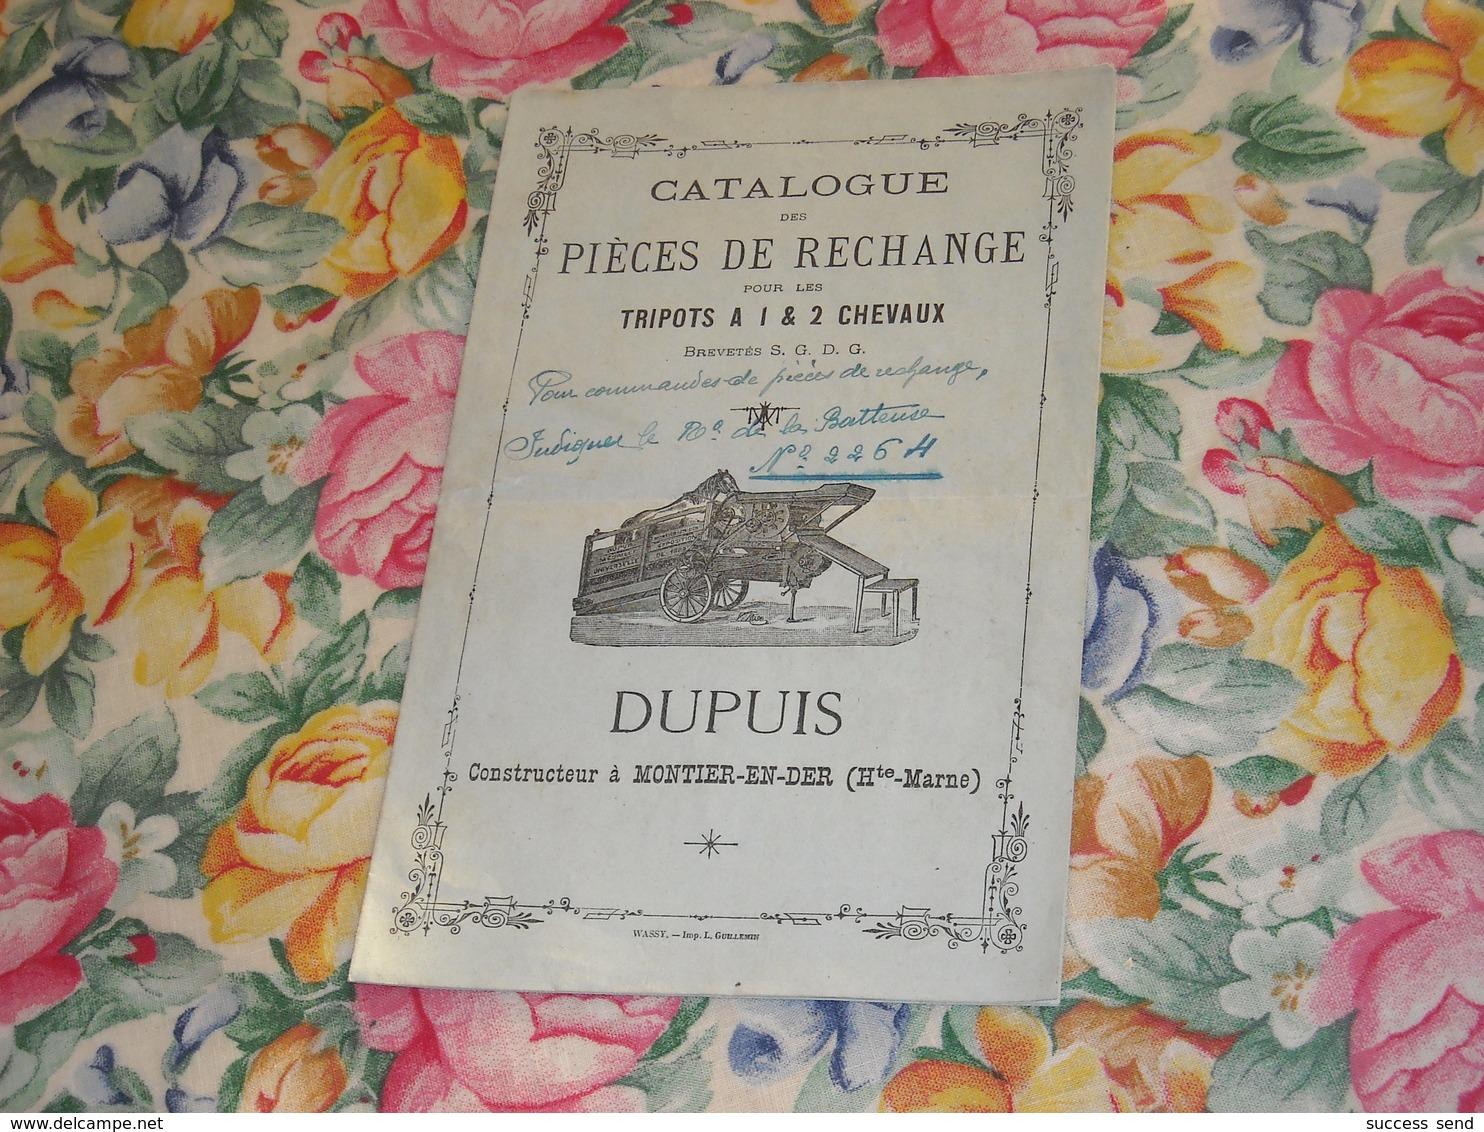 Rare CATALOGUE Pièces De Rechange Pour Les TRIPOTS à 1 & 2 CHEVAUX. DUPUIS à MONTIER-EN-DER - Advertising